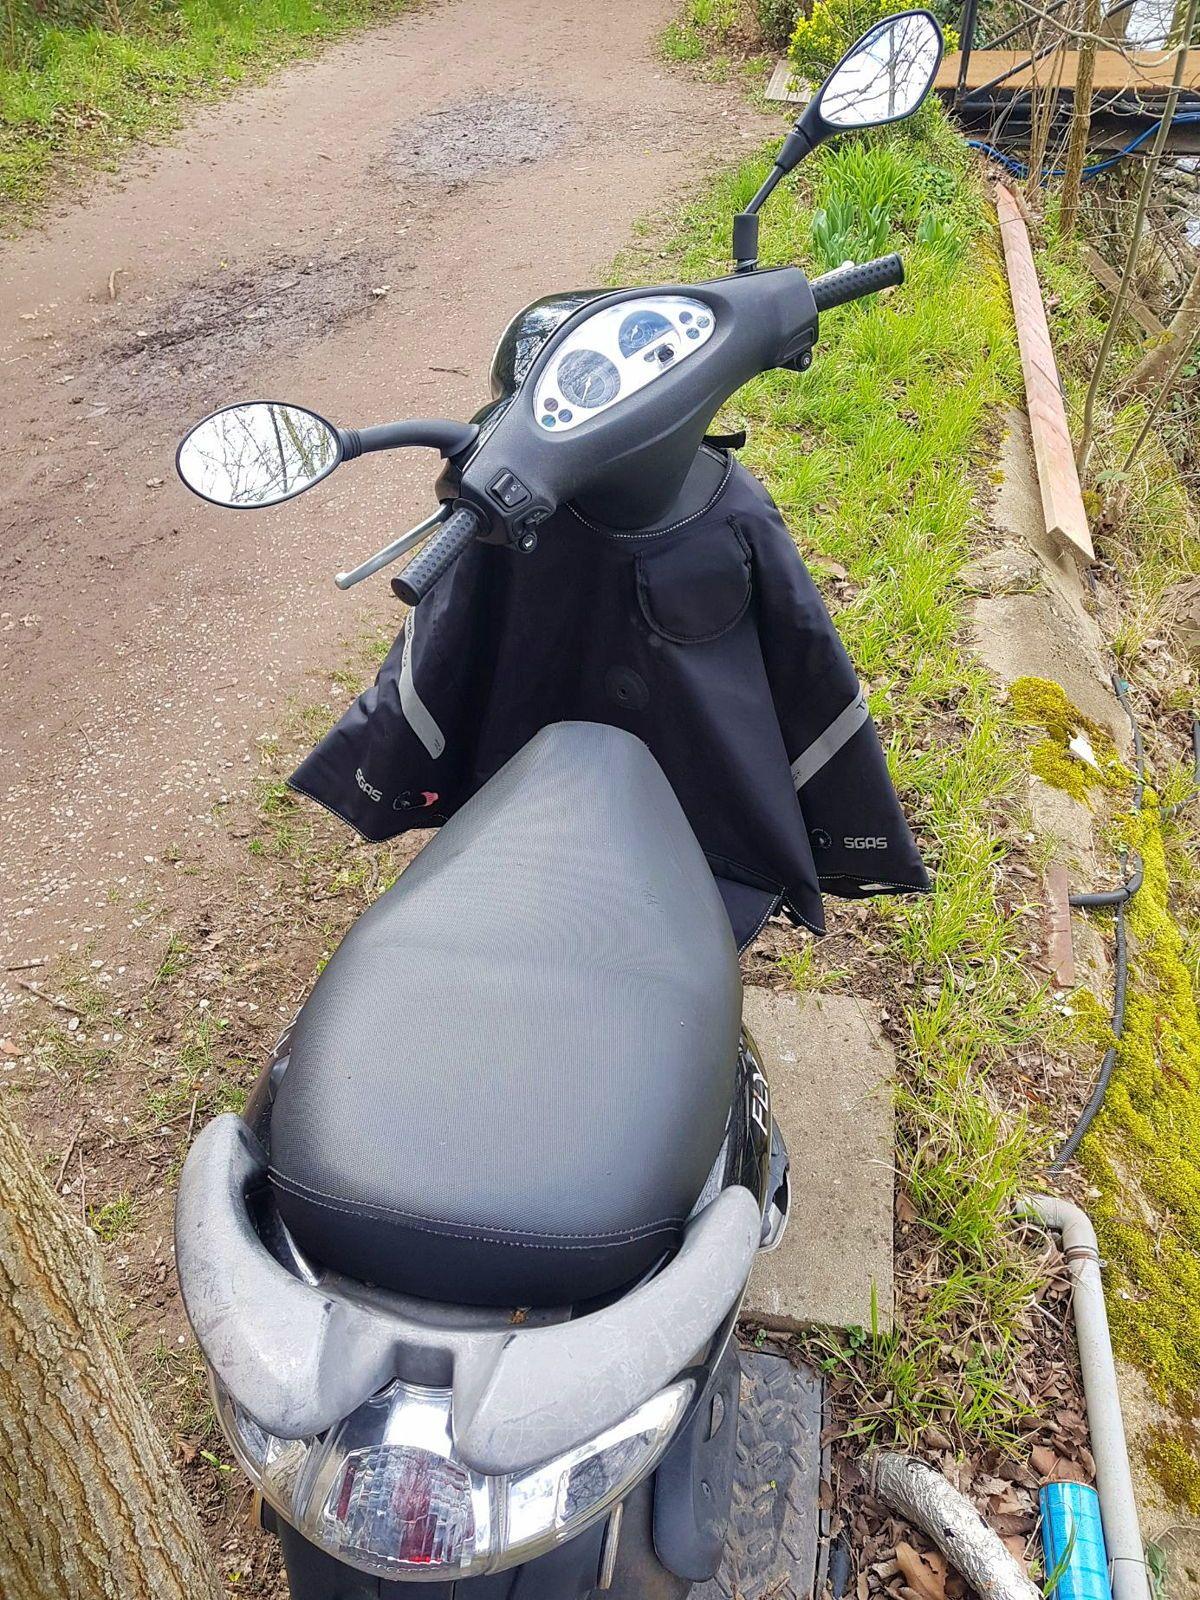 Vends scooter Piaggio Fly 50cm32T - 3000km 2010